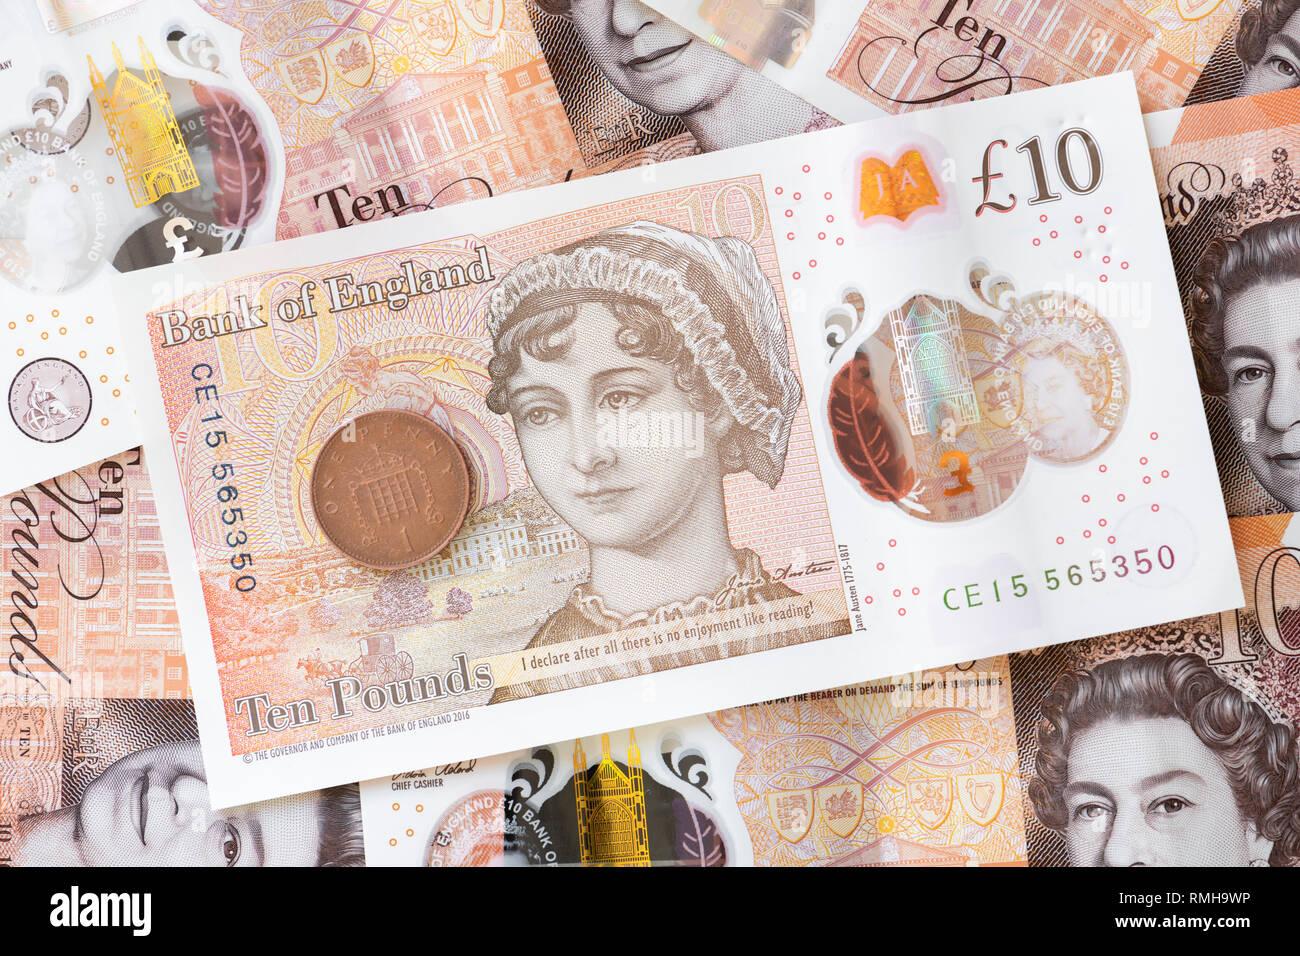 Jane Austen £10 pound note, England, UK. - Stock Image